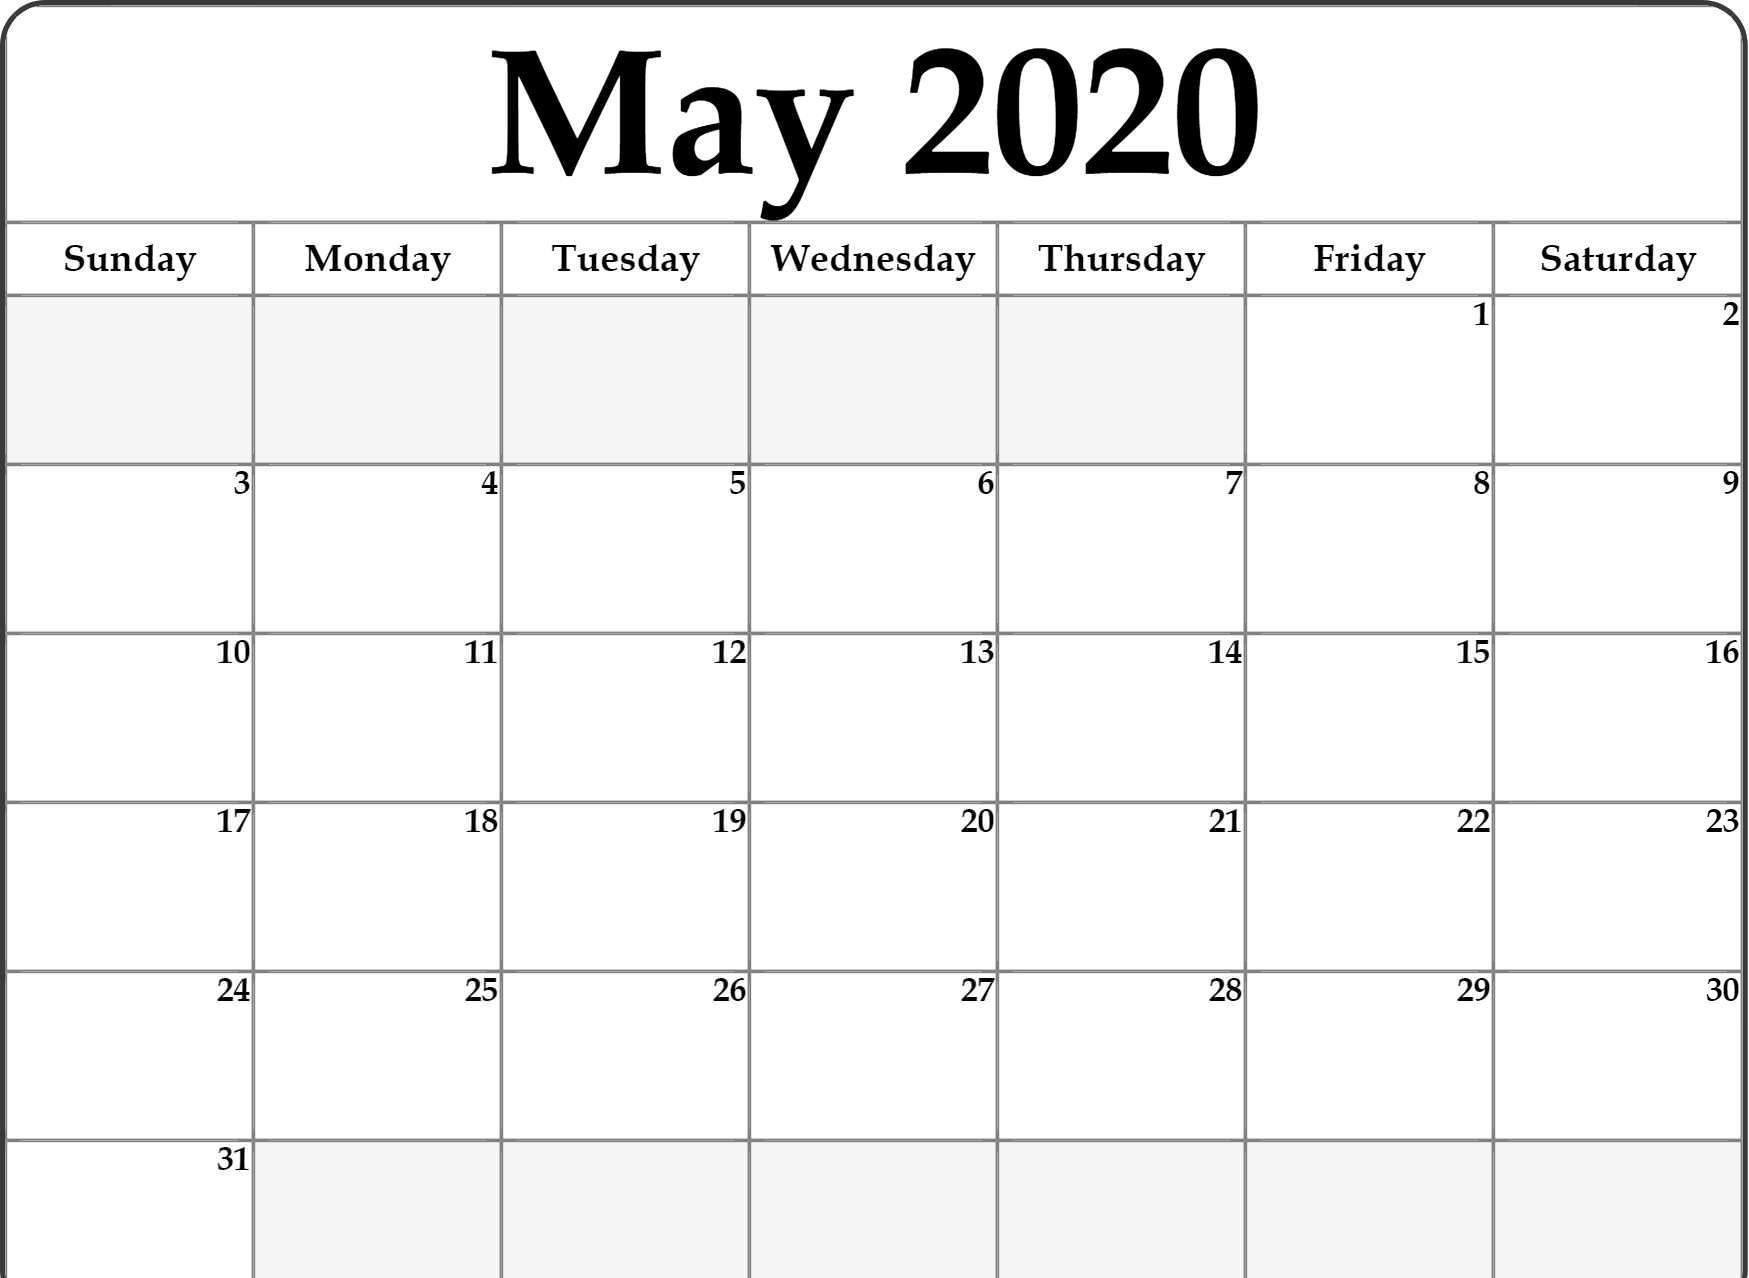 Fillable May 2020 Calendar Editable Printable Notes To Do